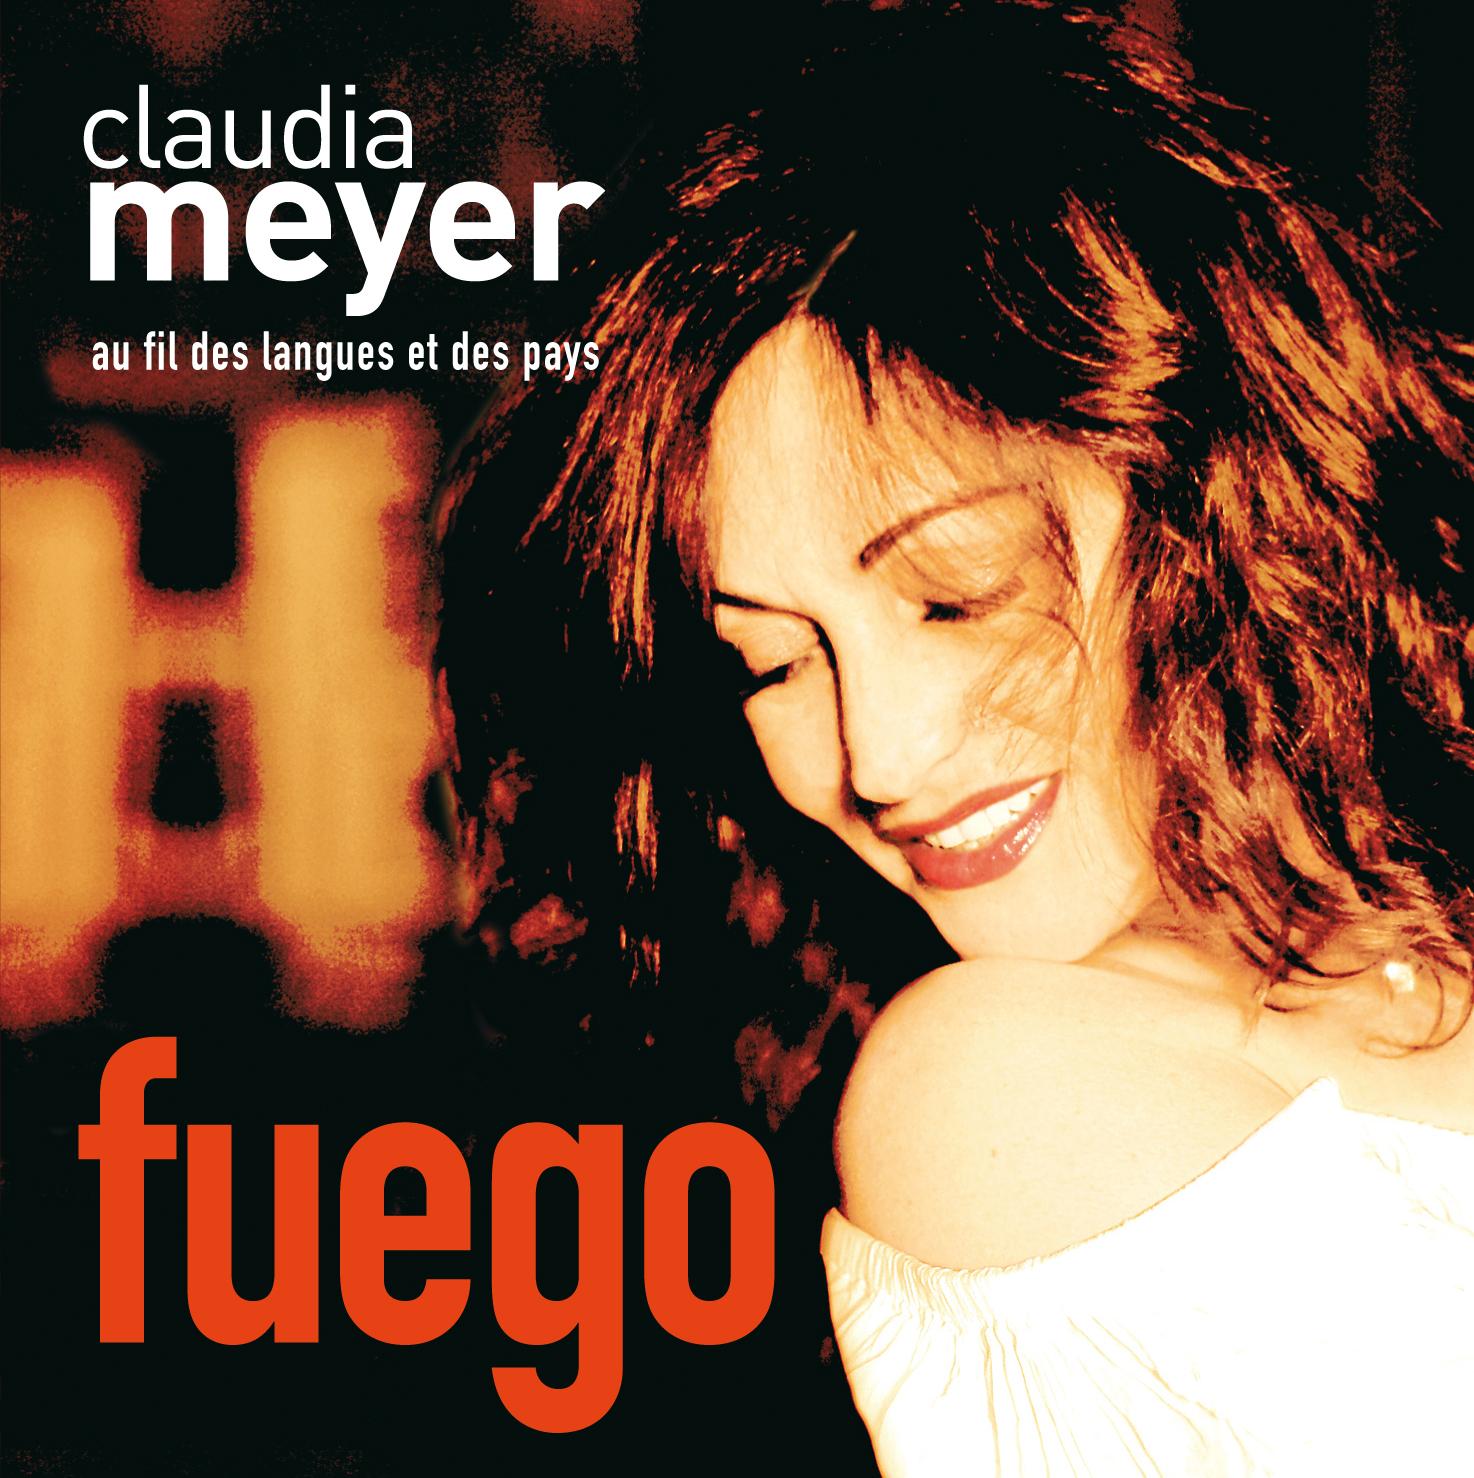 CLAUDIA MEYER sort son nouvel album «FUEGO» le 7 JUIN 2010 en hommage à Elie Kakou – Nouveau Single «My Lady» («My Lady d'Arbanville»)